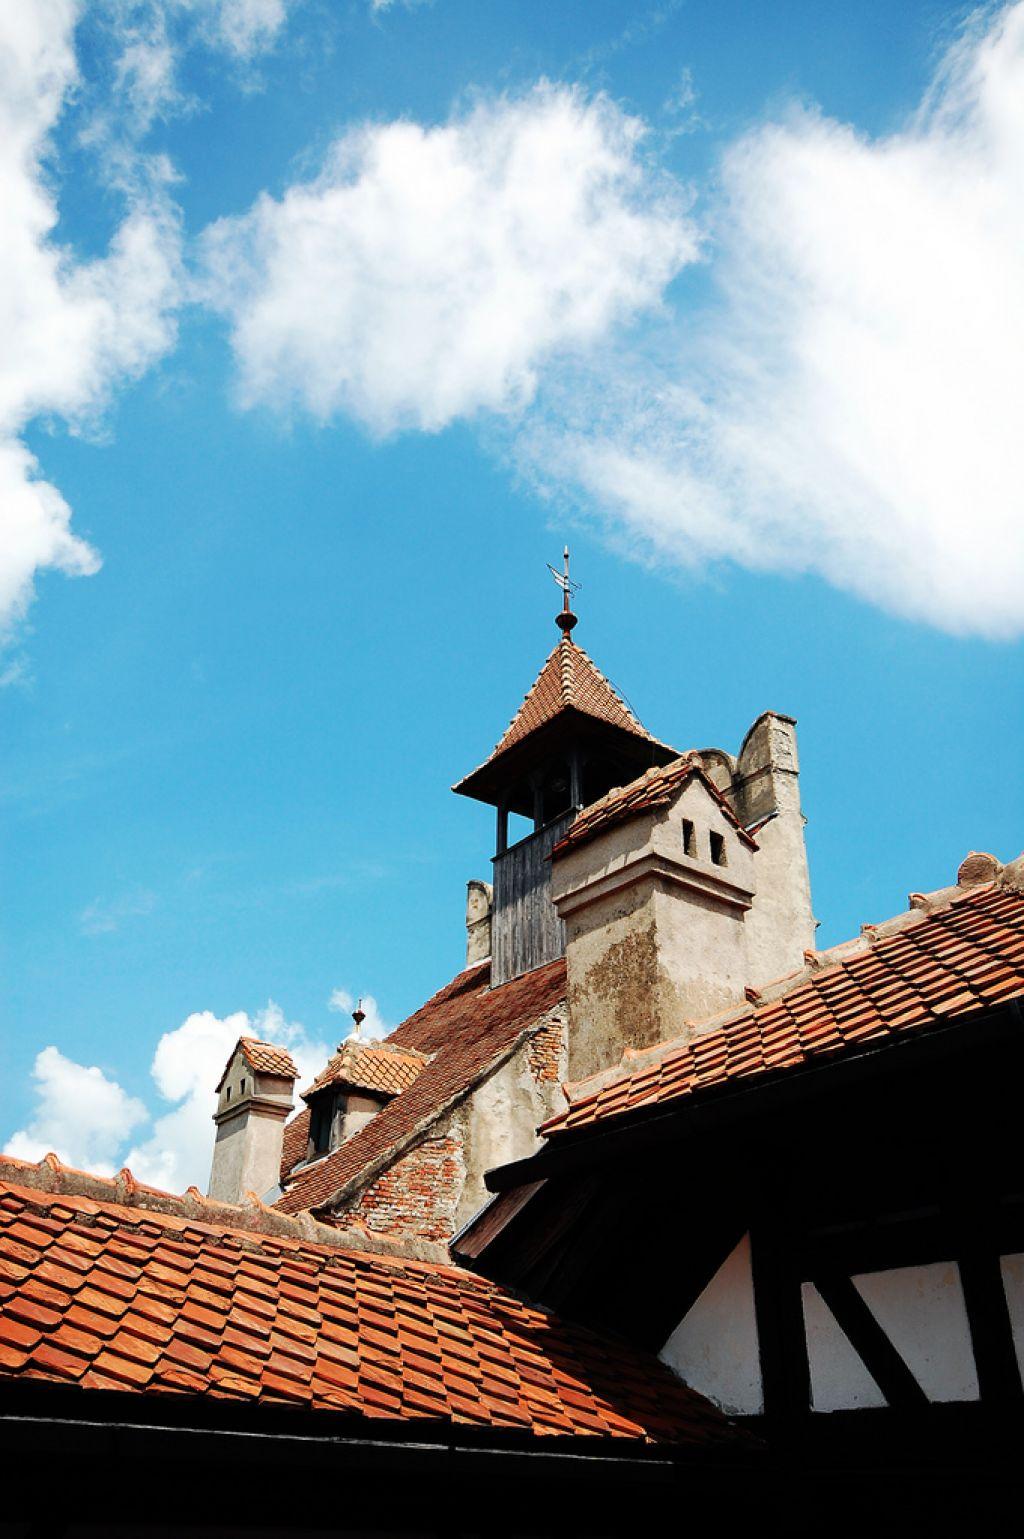 bran castle4 Bran Castle aka Draculas Castle